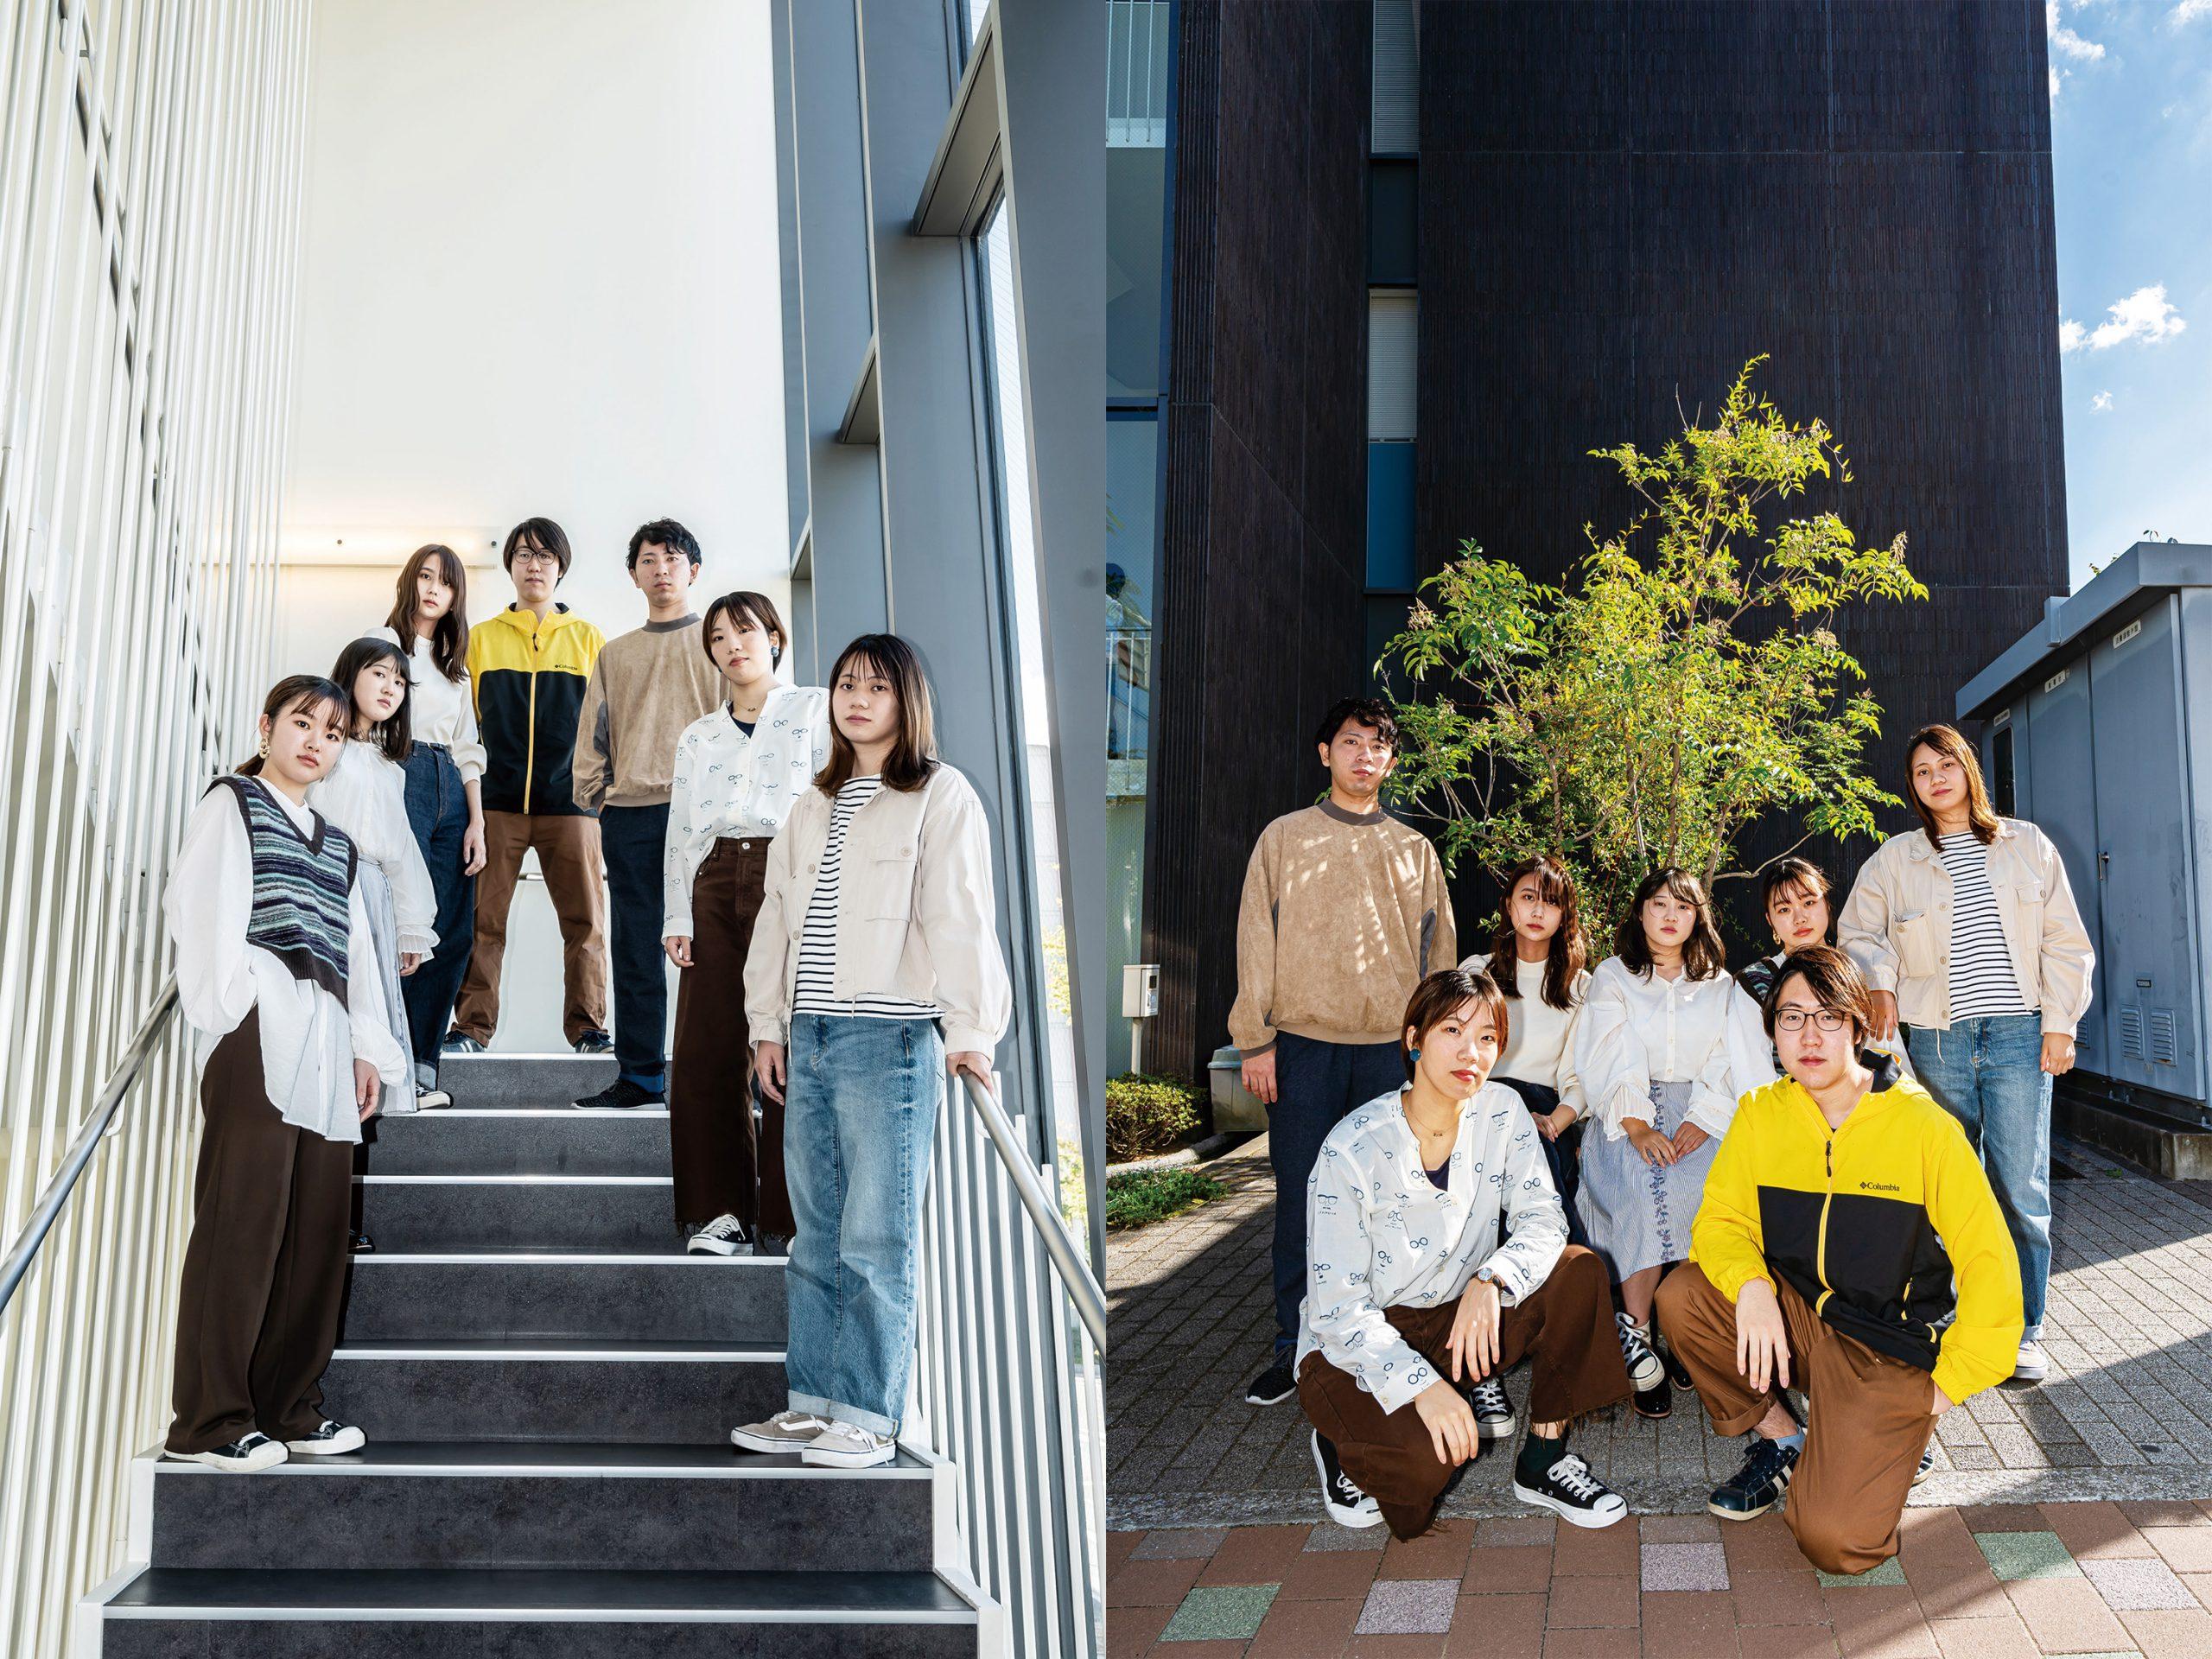 新Yaomania(シン・ヤオマニア)新年号|2021.1.10 八尾観光応援隊特集(大阪府八尾市)